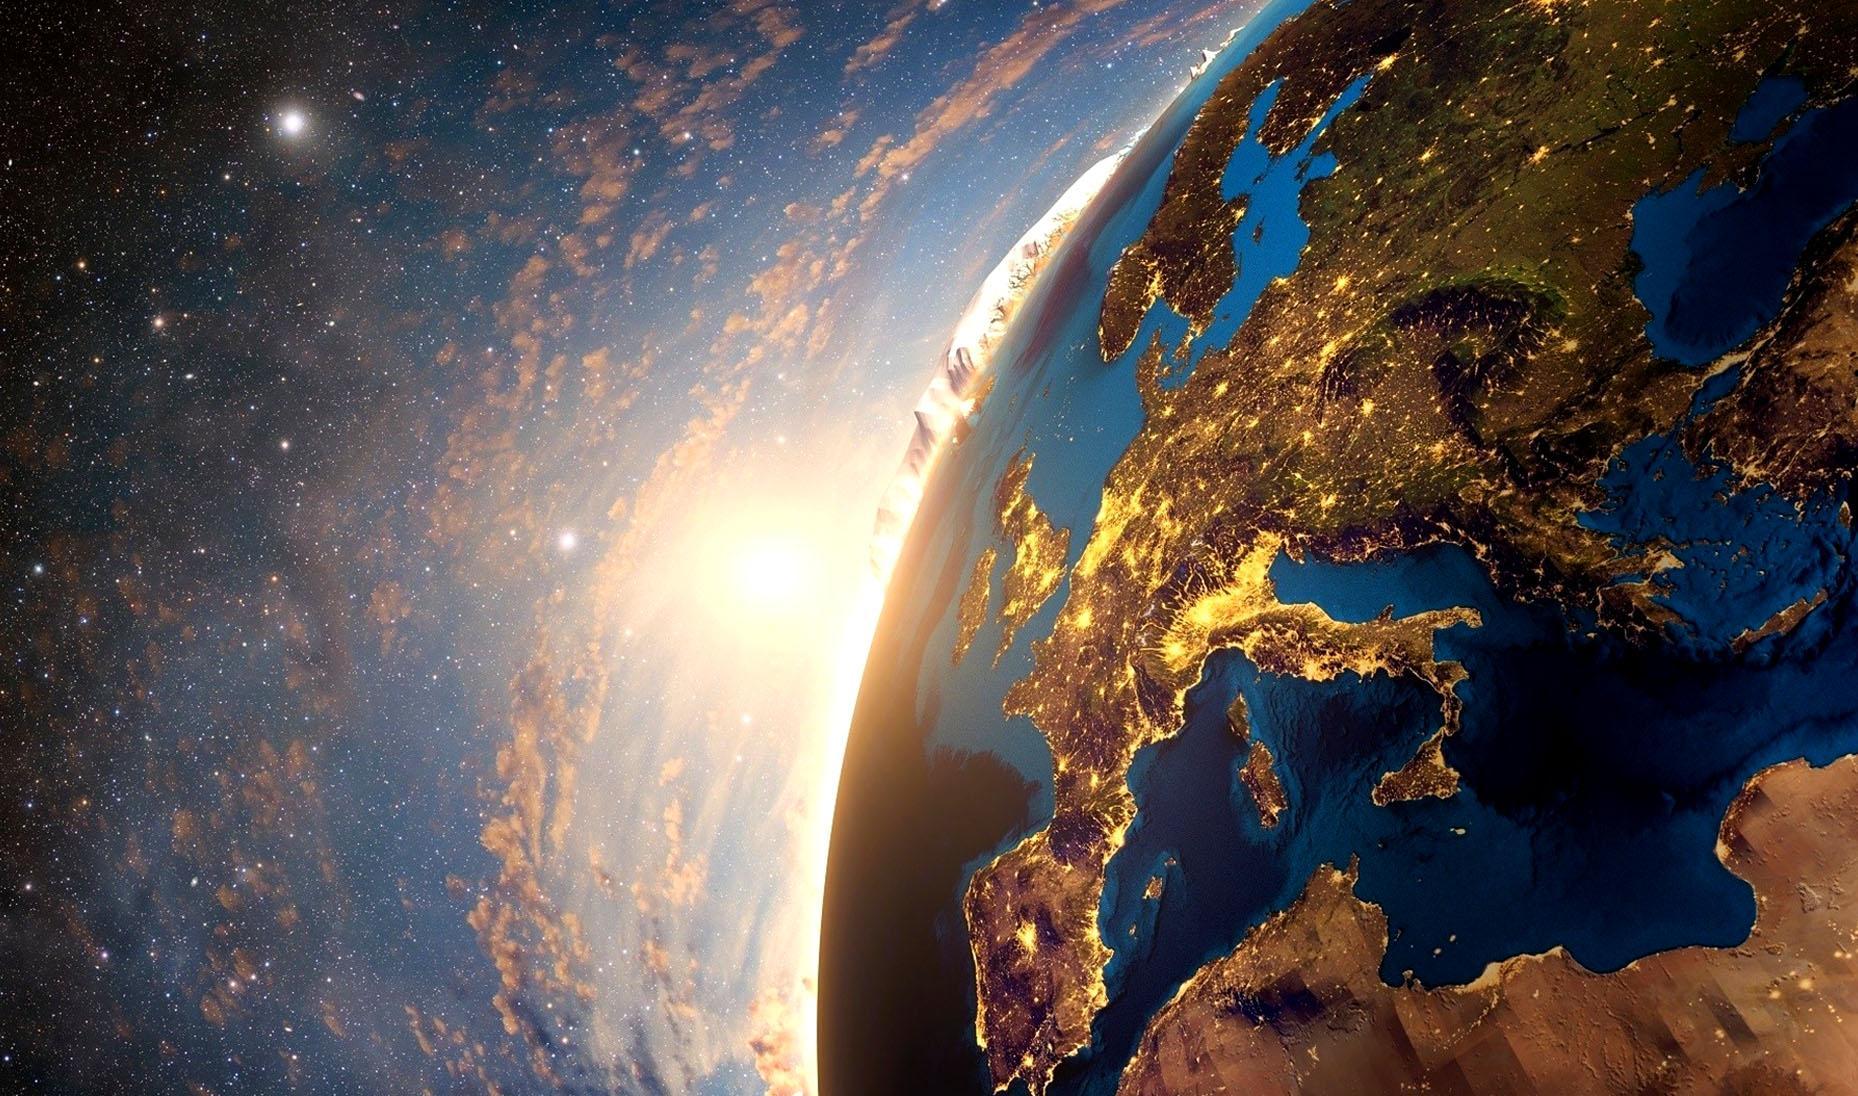 ЕКА разрабатывает новый алгоритм, который прогнозирует вращение Земли